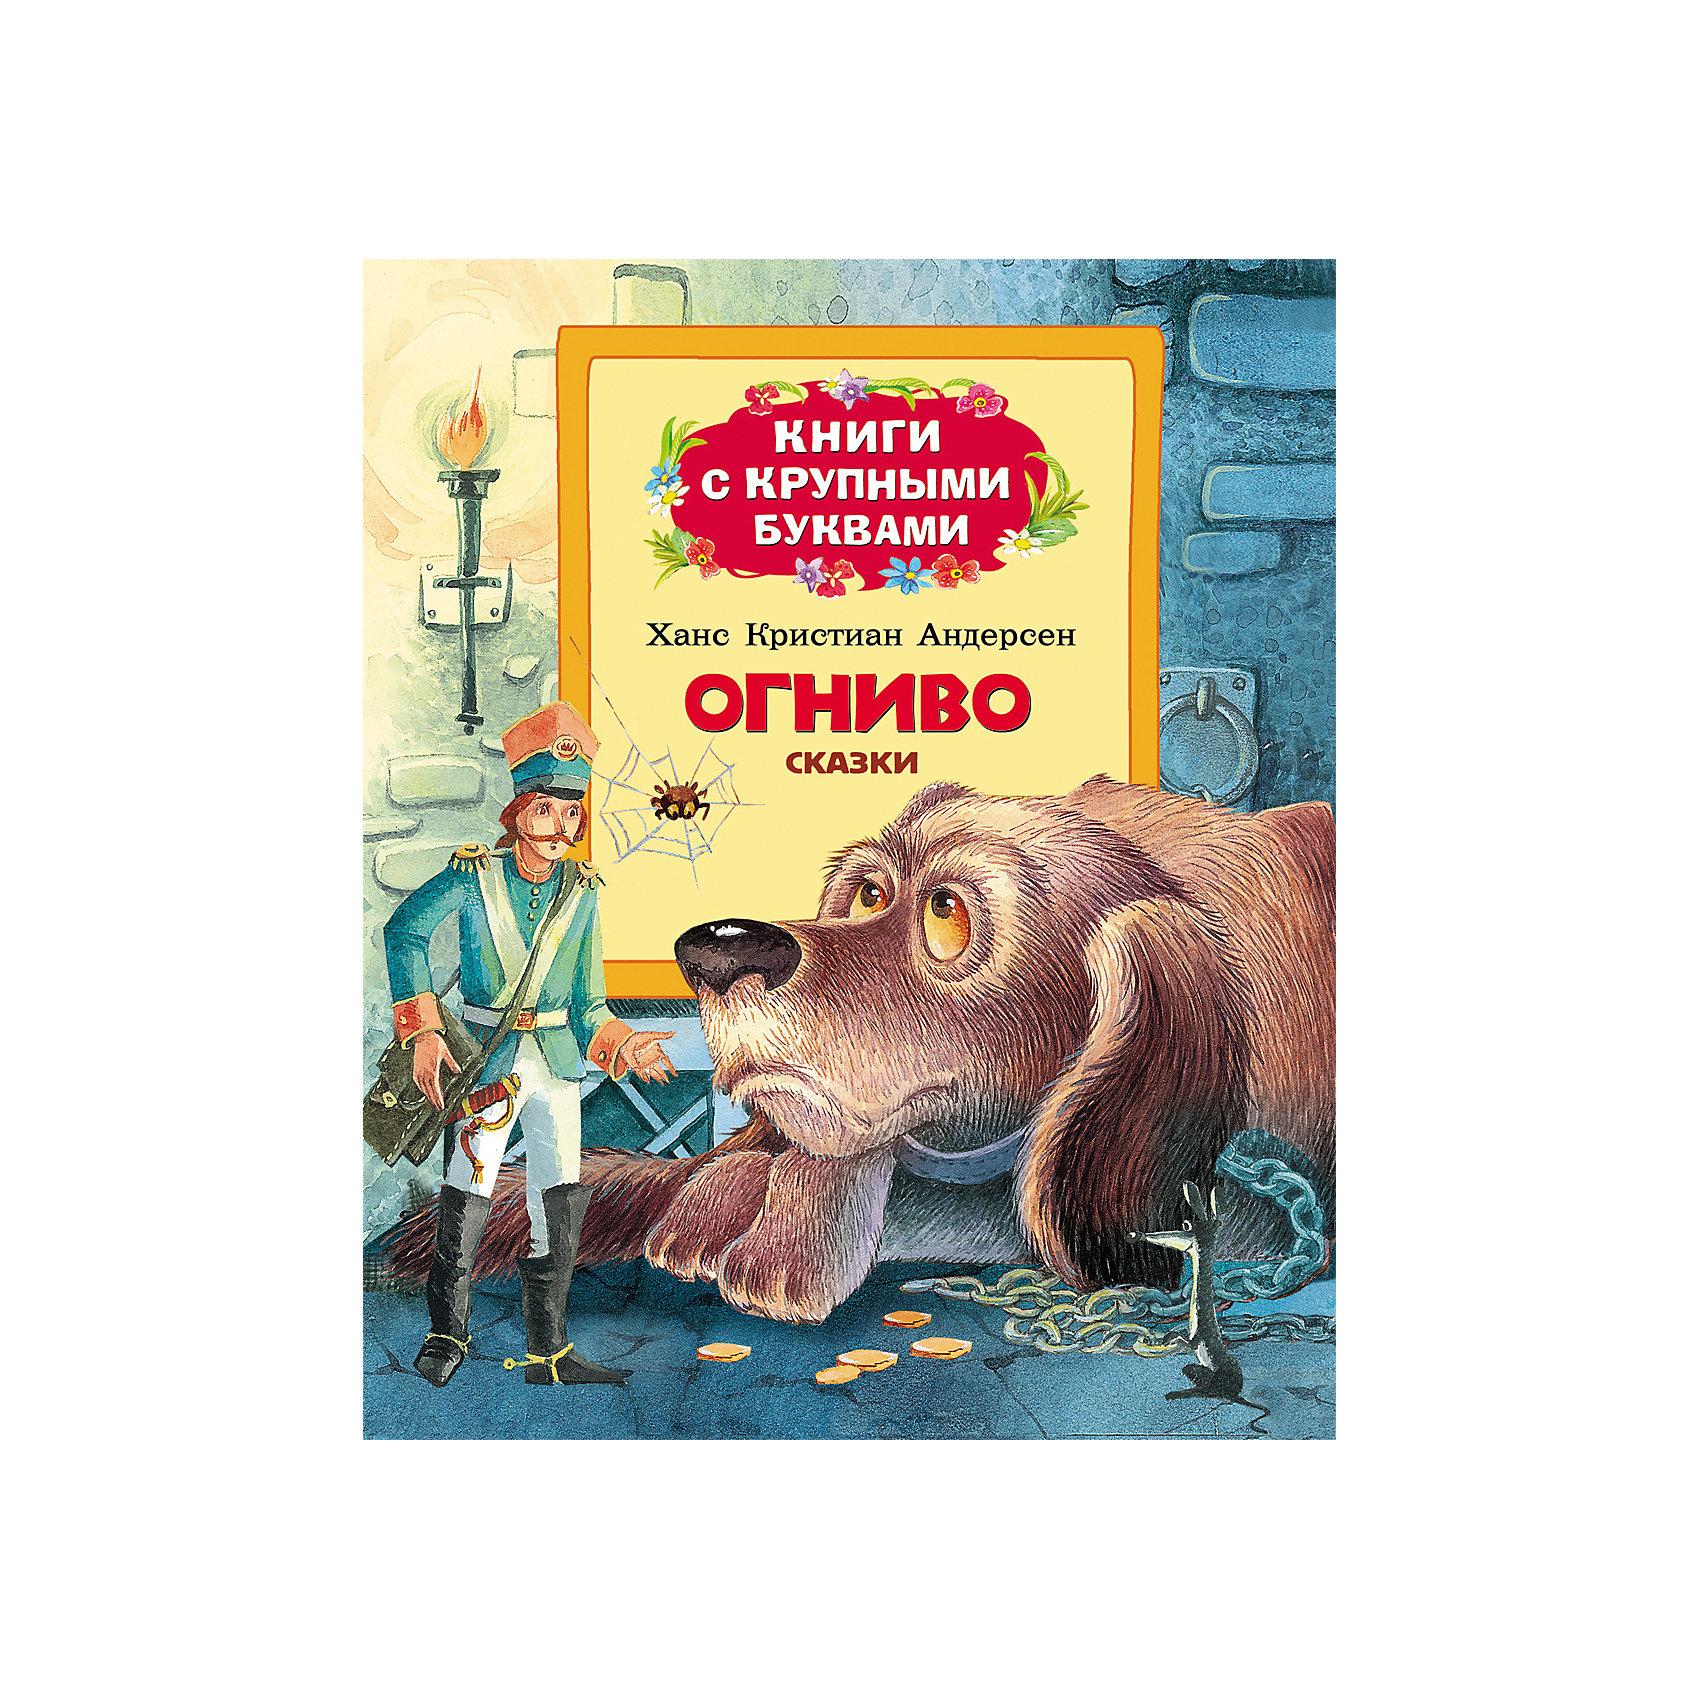 Книга с крупными буквами ОгнивоХарактеристики товара:<br><br>- цвет: разноцветный;<br>- материал: бумага;<br>- страниц: 32;<br>- формат: 20 х 26 см;<br>- обложка: твердая;<br>- иллюстрации;<br>- содержание: Огниво, Новое платье короля.<br><br>Эта интересная книга с иллюстрациями станет отличным подарком для ребенка. Она содержит в себе известные сказки, которые любит не одно поколение! Талантливый иллюстратор дополнил книгу качественными рисунками, которые помогают ребенку проникнуться духом сказки.<br>Чтение - отличный способ активизации мышления, оно помогает ребенку развивать зрительную память, концентрацию внимания и воображение. Издание произведено из качественных материалов, которые безопасны даже для самых маленьких.<br><br>Книгу с крупными буквами Огниво от компании Росмэн можно купить в нашем интернет-магазине.<br><br>Ширина мм: 240<br>Глубина мм: 205<br>Высота мм: 7<br>Вес г: 289<br>Возраст от месяцев: 36<br>Возраст до месяцев: 72<br>Пол: Унисекс<br>Возраст: Детский<br>SKU: 5109910